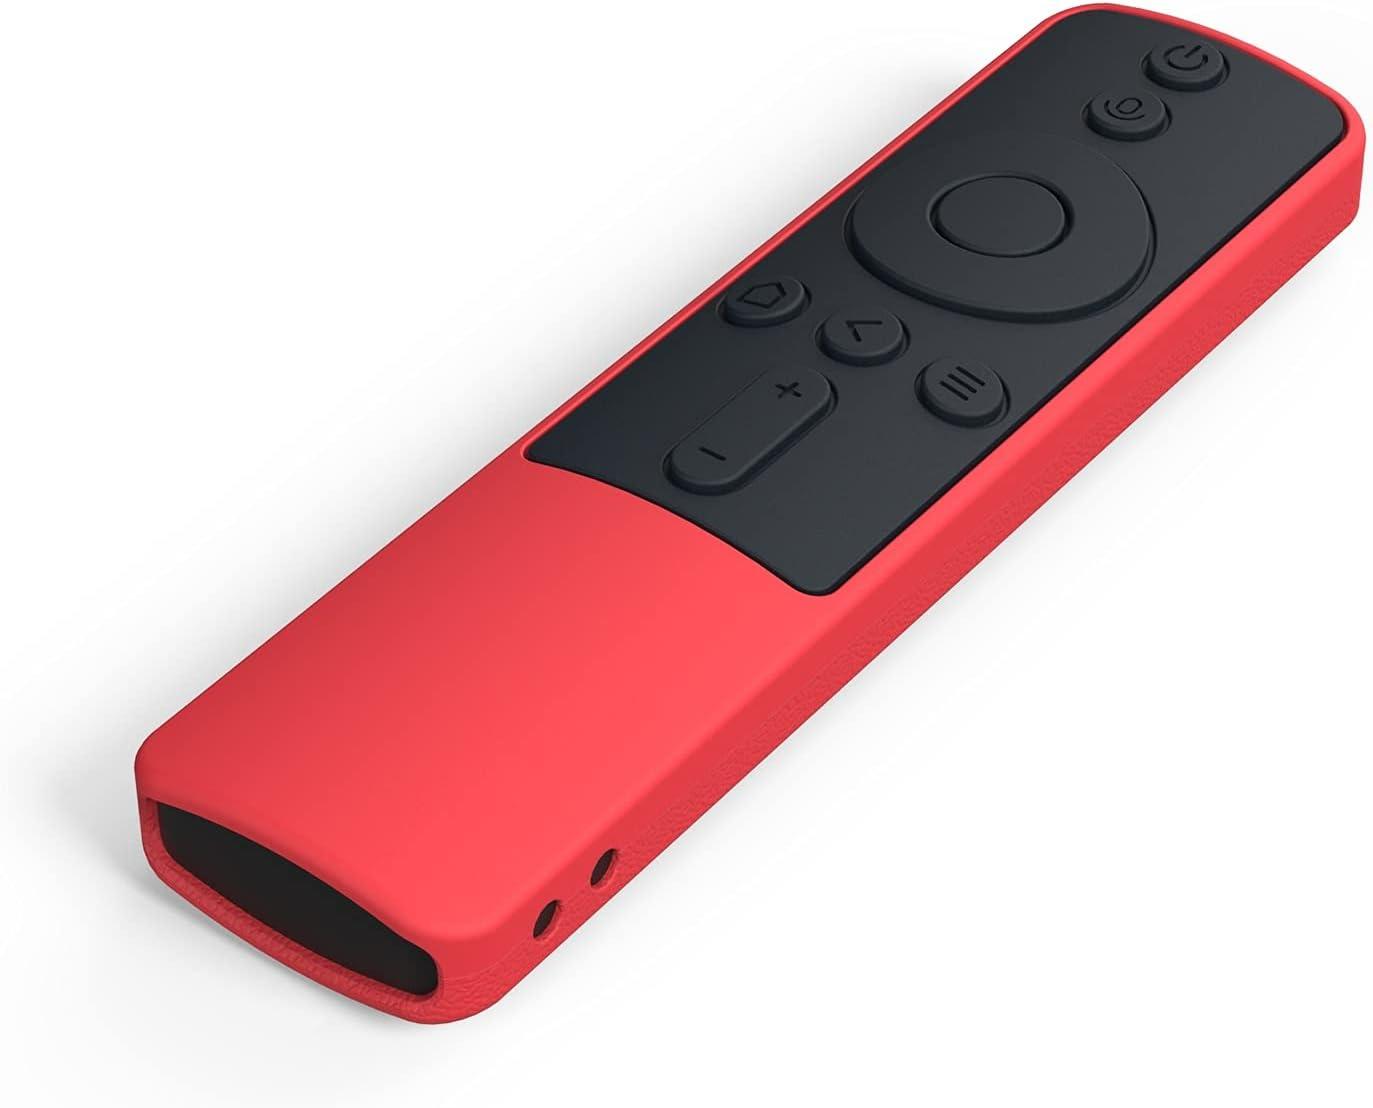 WDFGSA Cubierta de Control Remoto Cubierta de Control Remoto para Xiaomi MI 4A 4C 4X SIKAI TV VOICT Case Remoto (Color : Red Black)